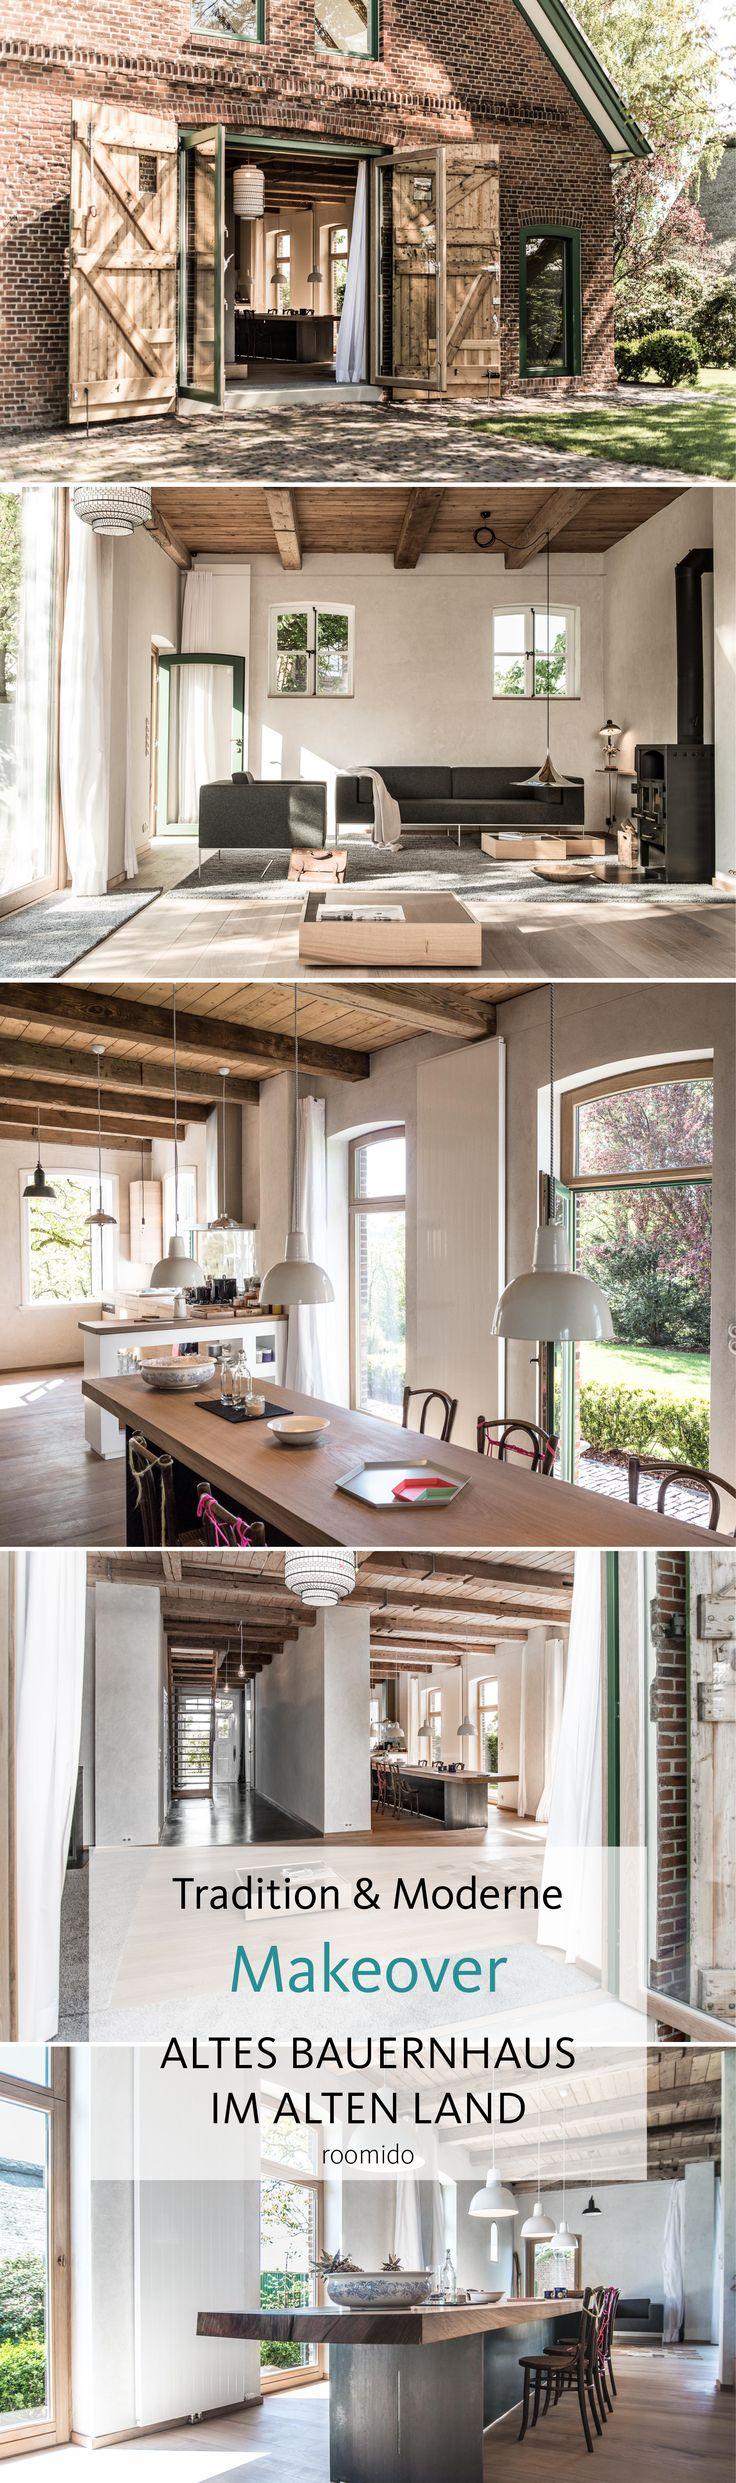 Modernes bungalow innenarchitektur wohnzimmer  best renovierung  images on pinterest  woodworking diy